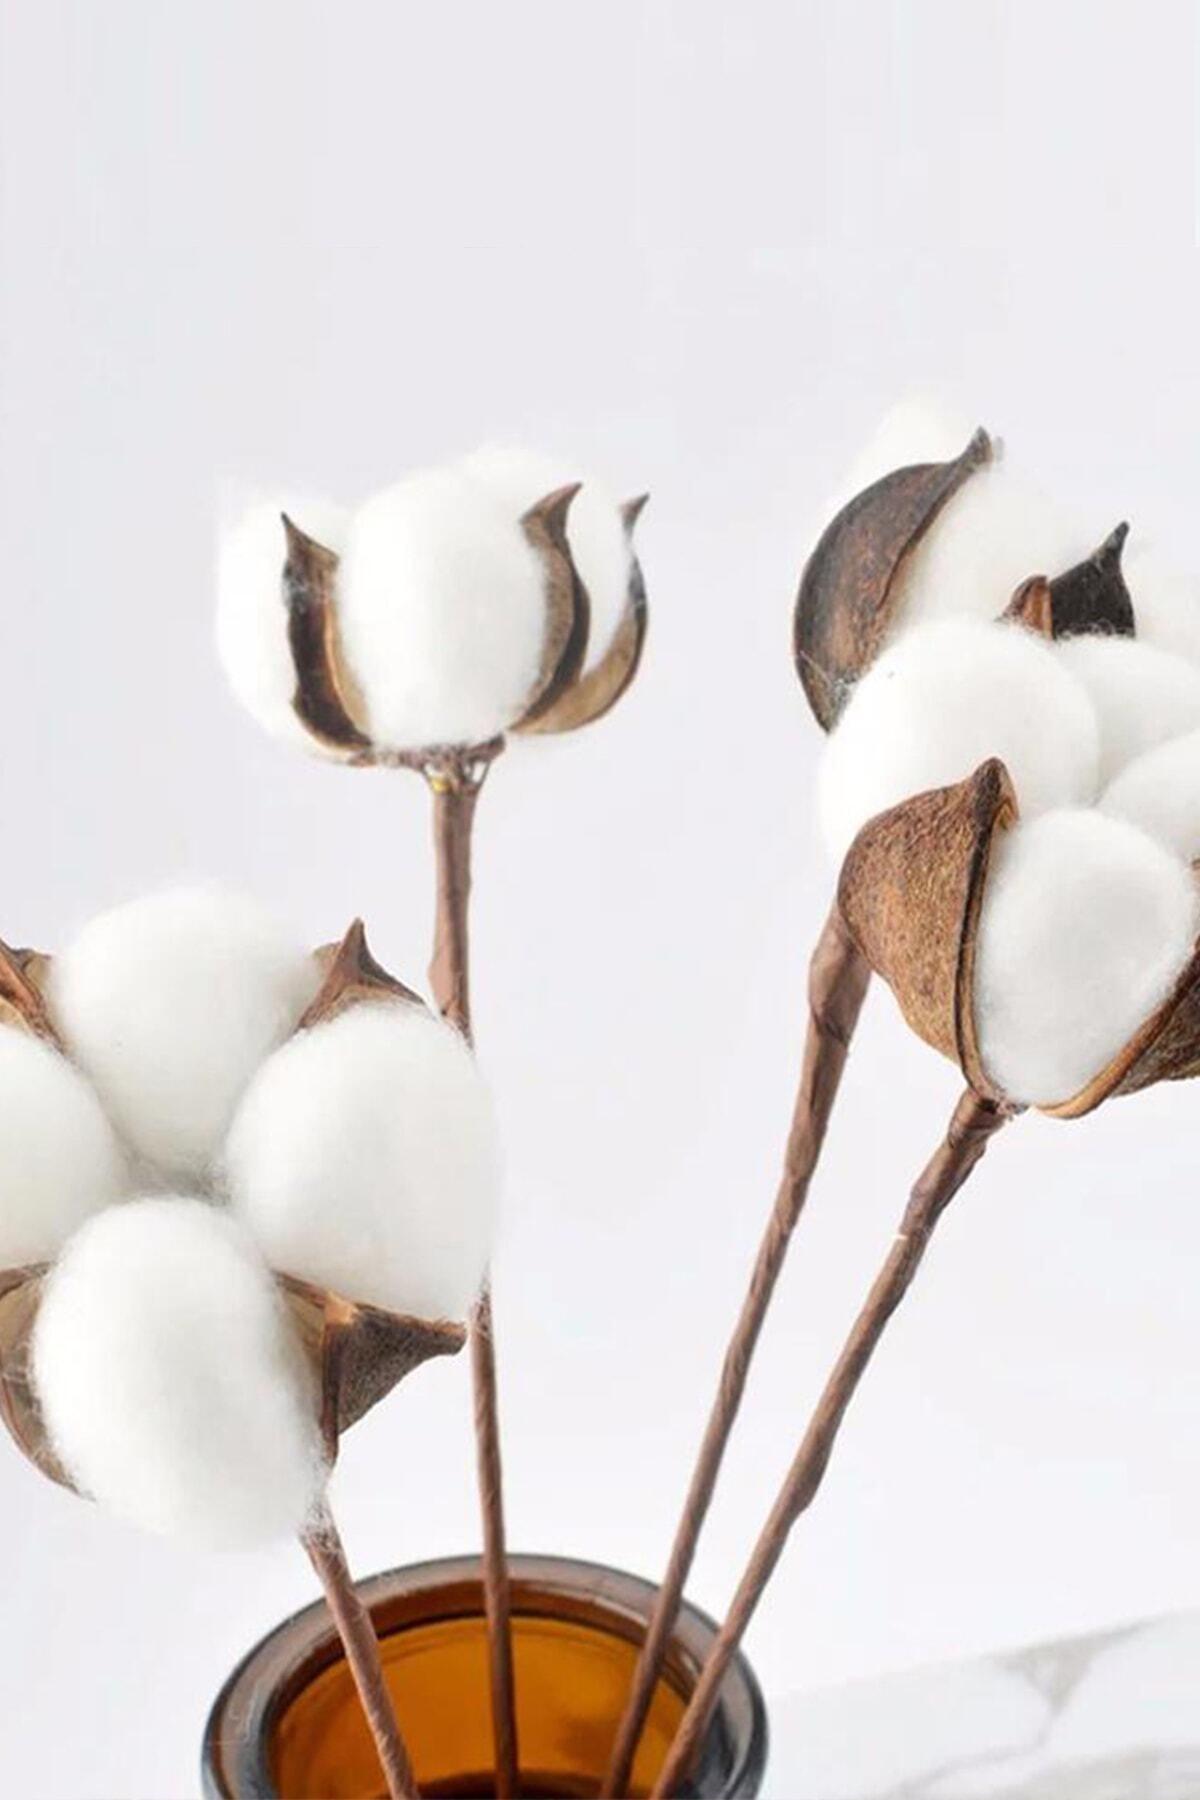 Beyaz Doğal Pamuk Dalları 6 Adet